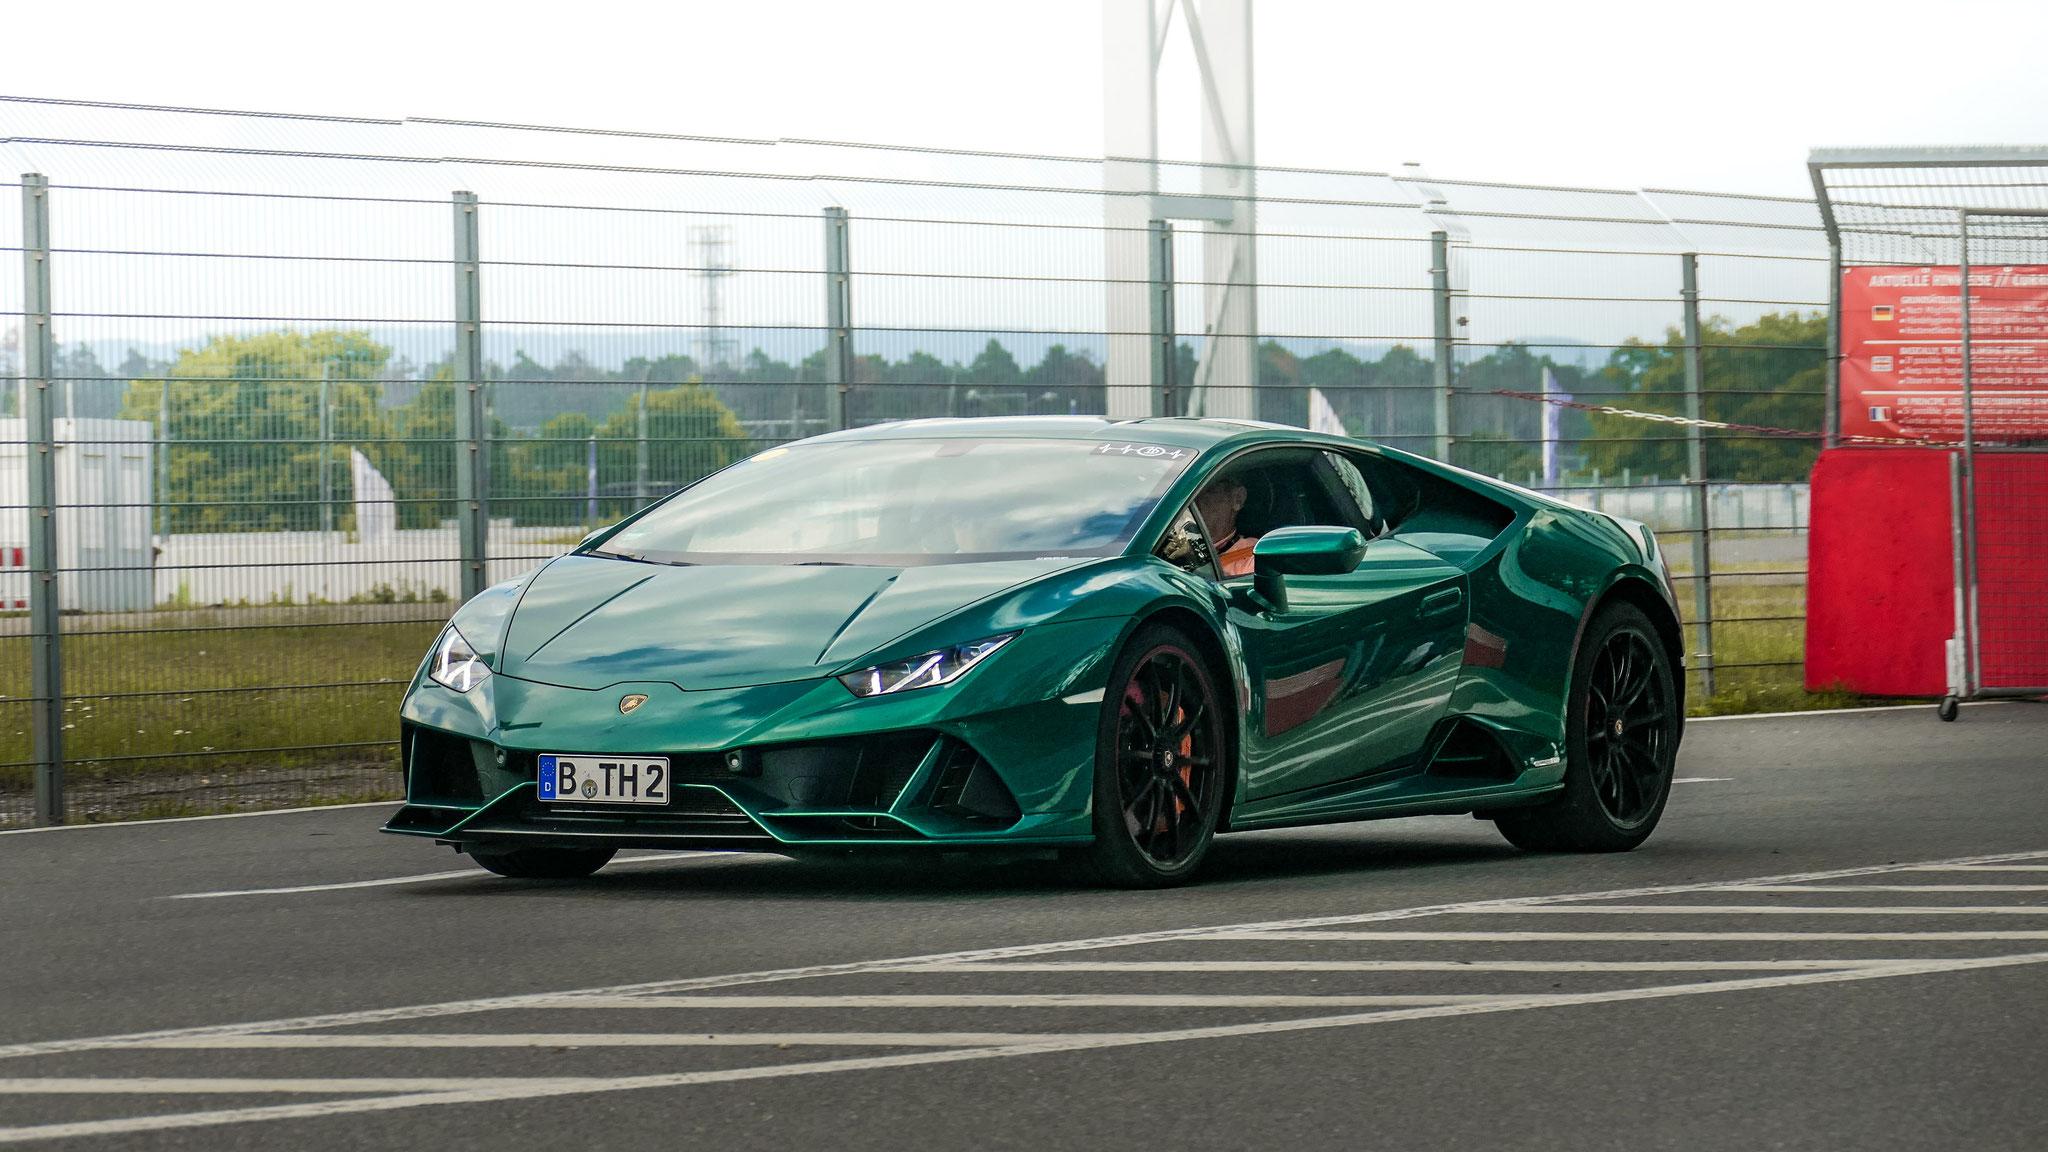 Lamborghini Huracan Evo - B-TH-2